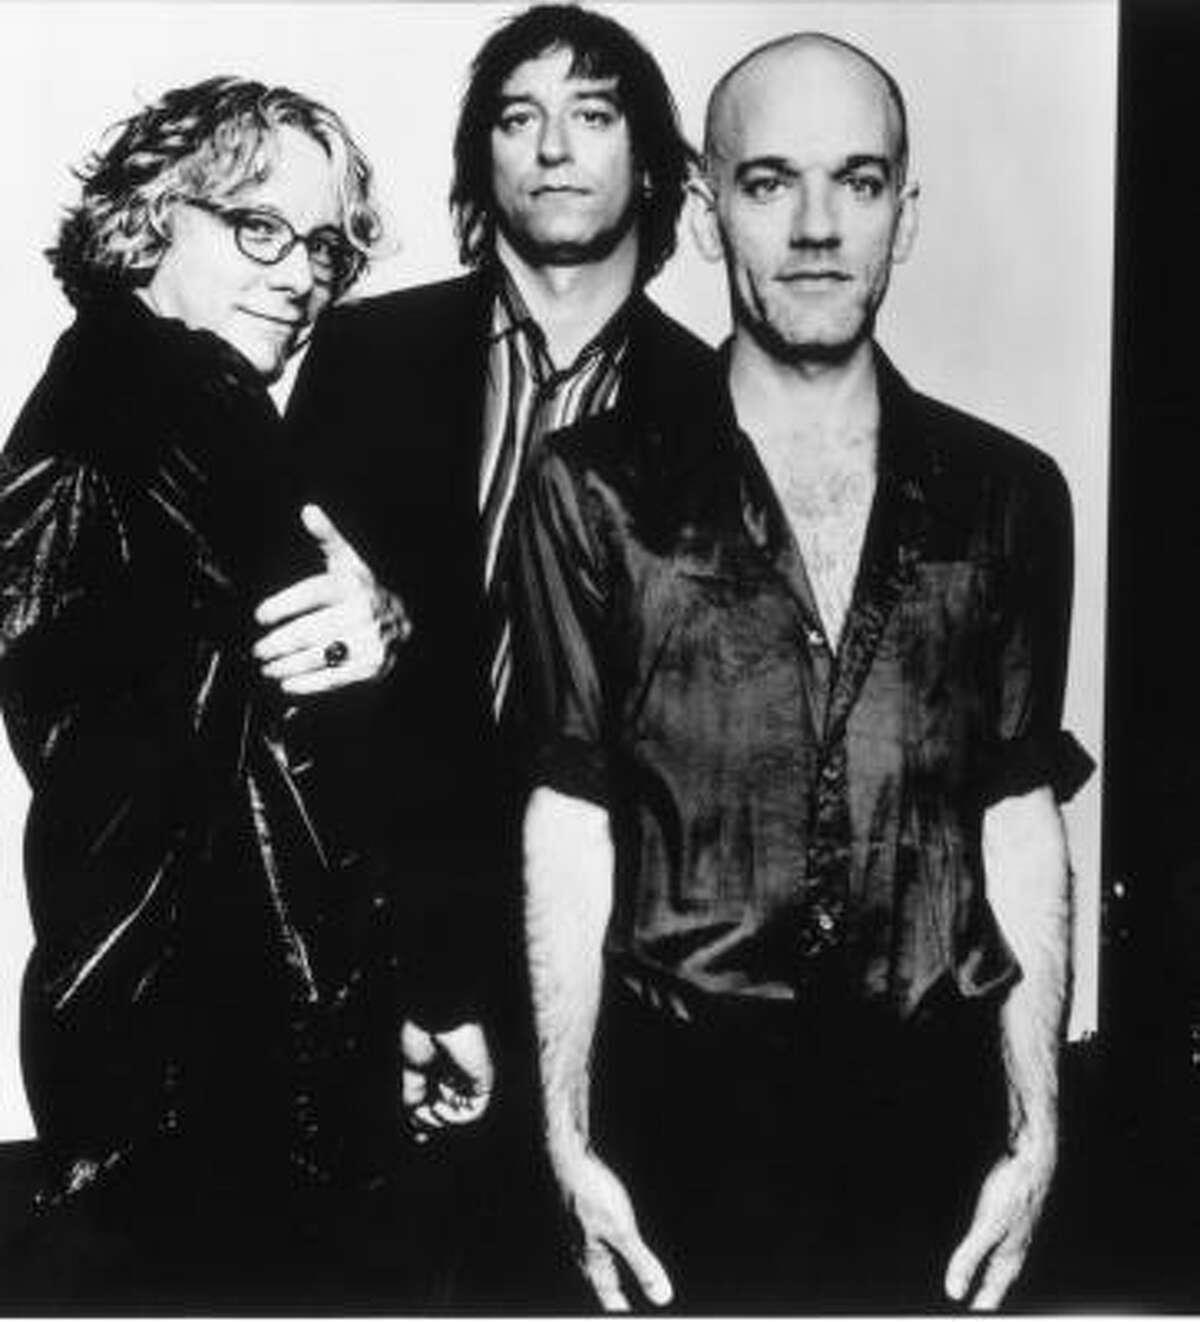 R.E.M. in 1998.